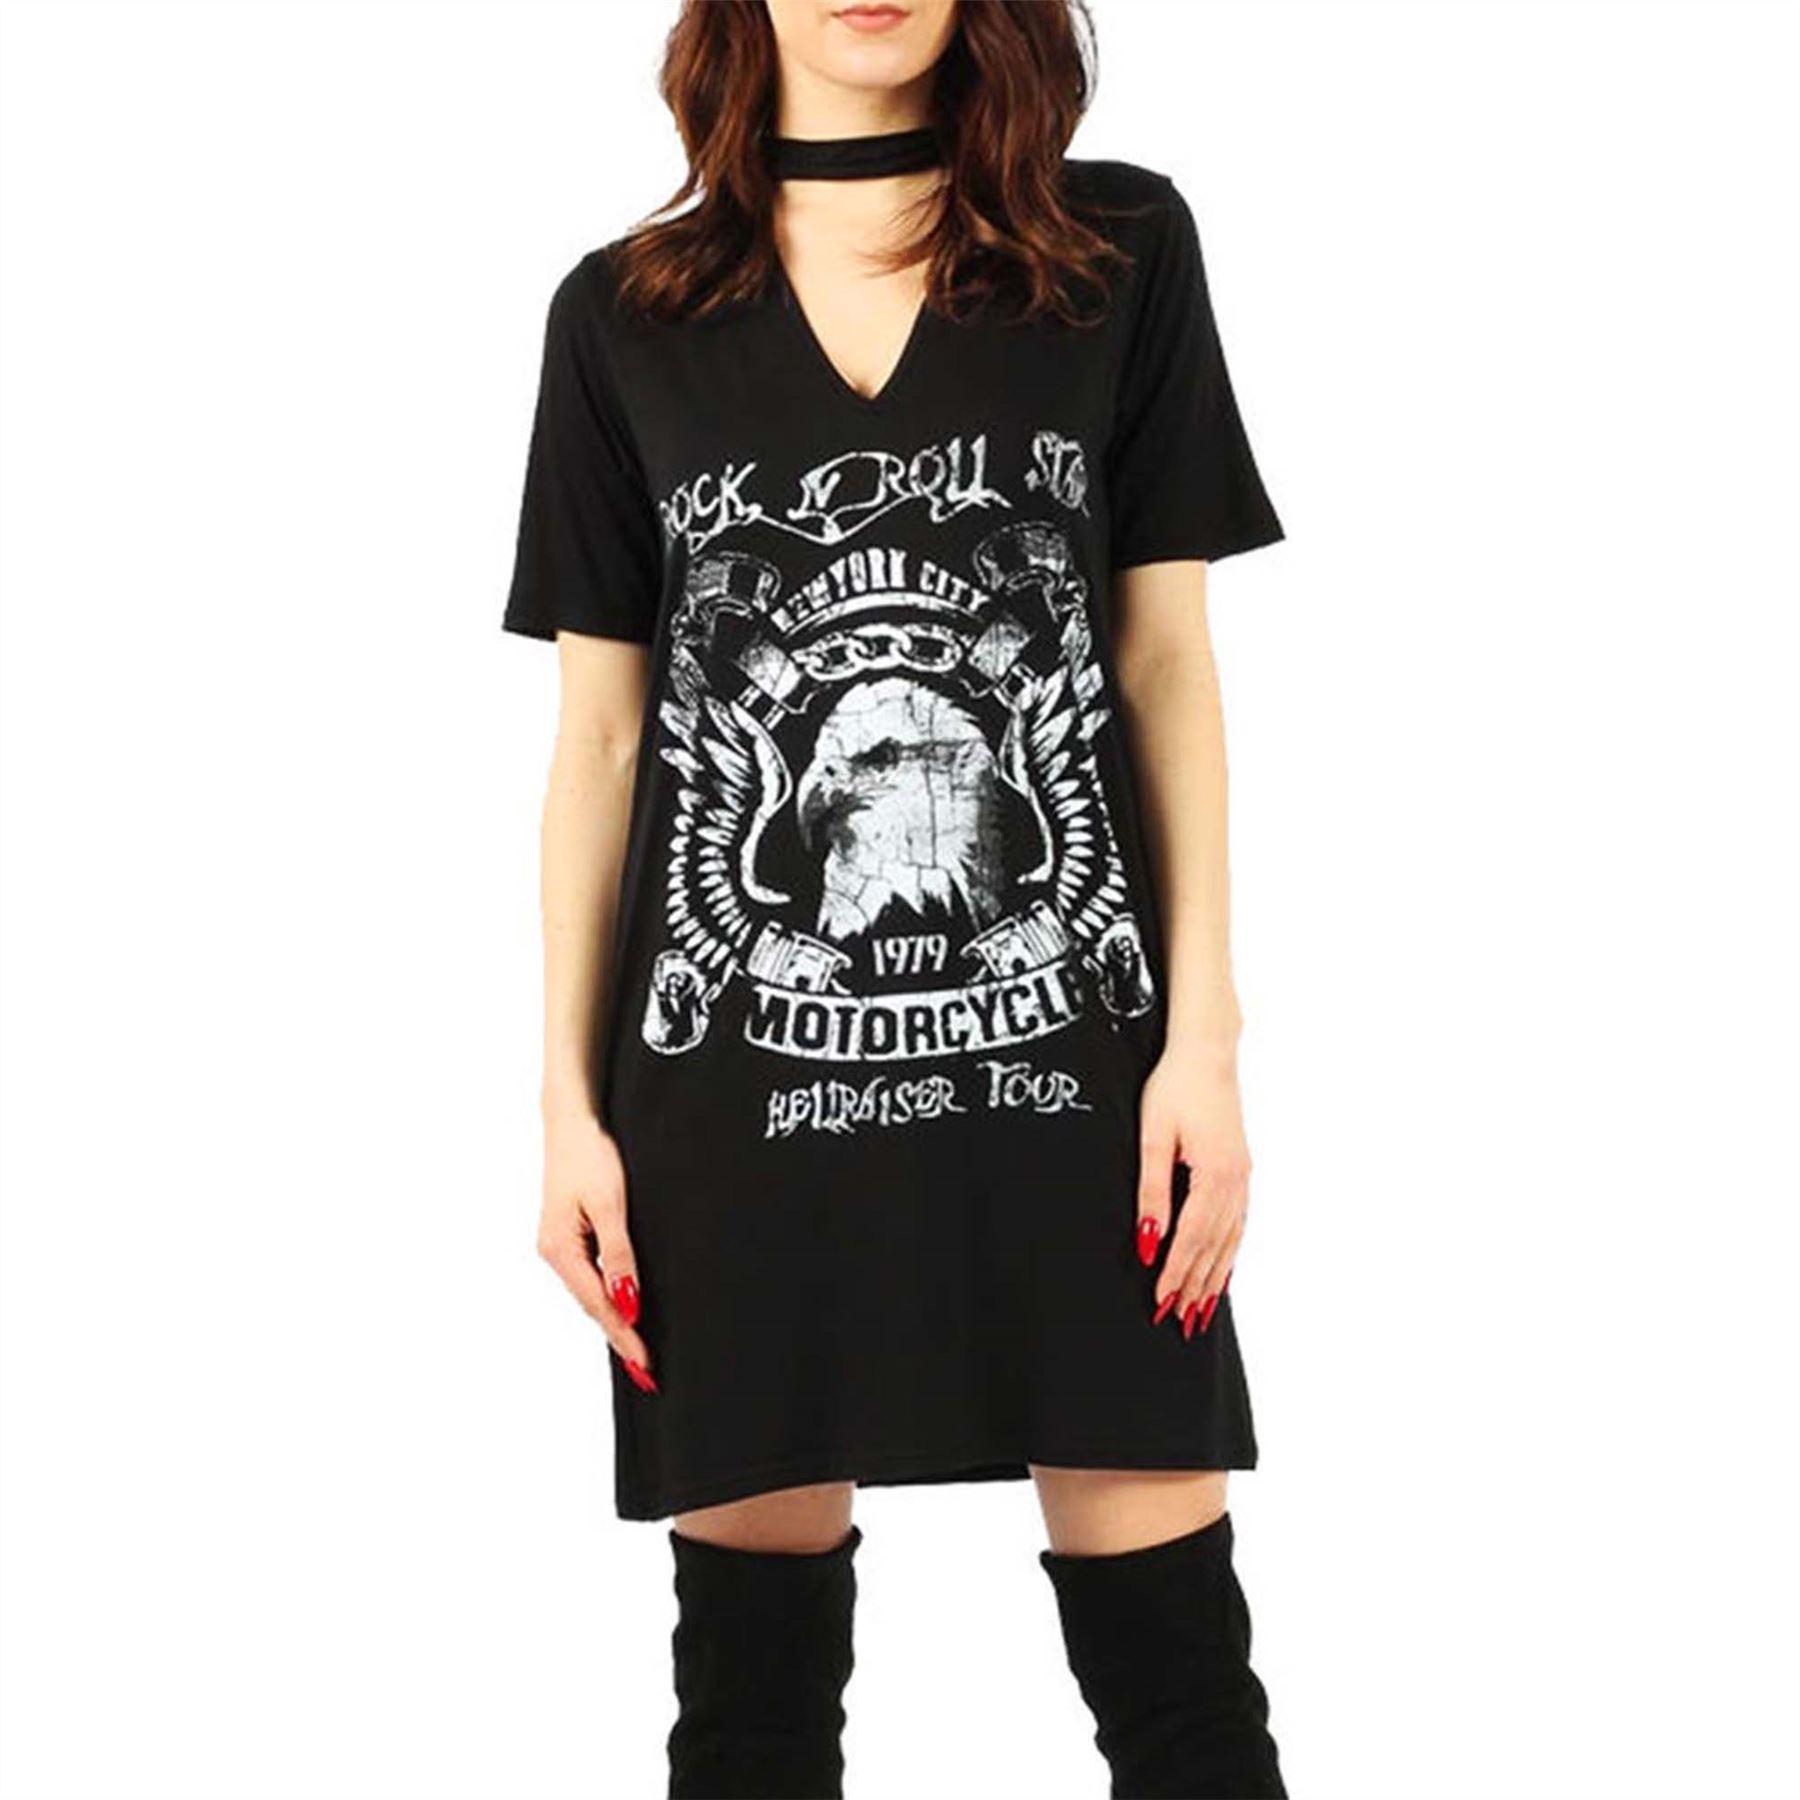 6c421b9d6fd5 Womens Plus Size Longline T Shirts   Toffee Art